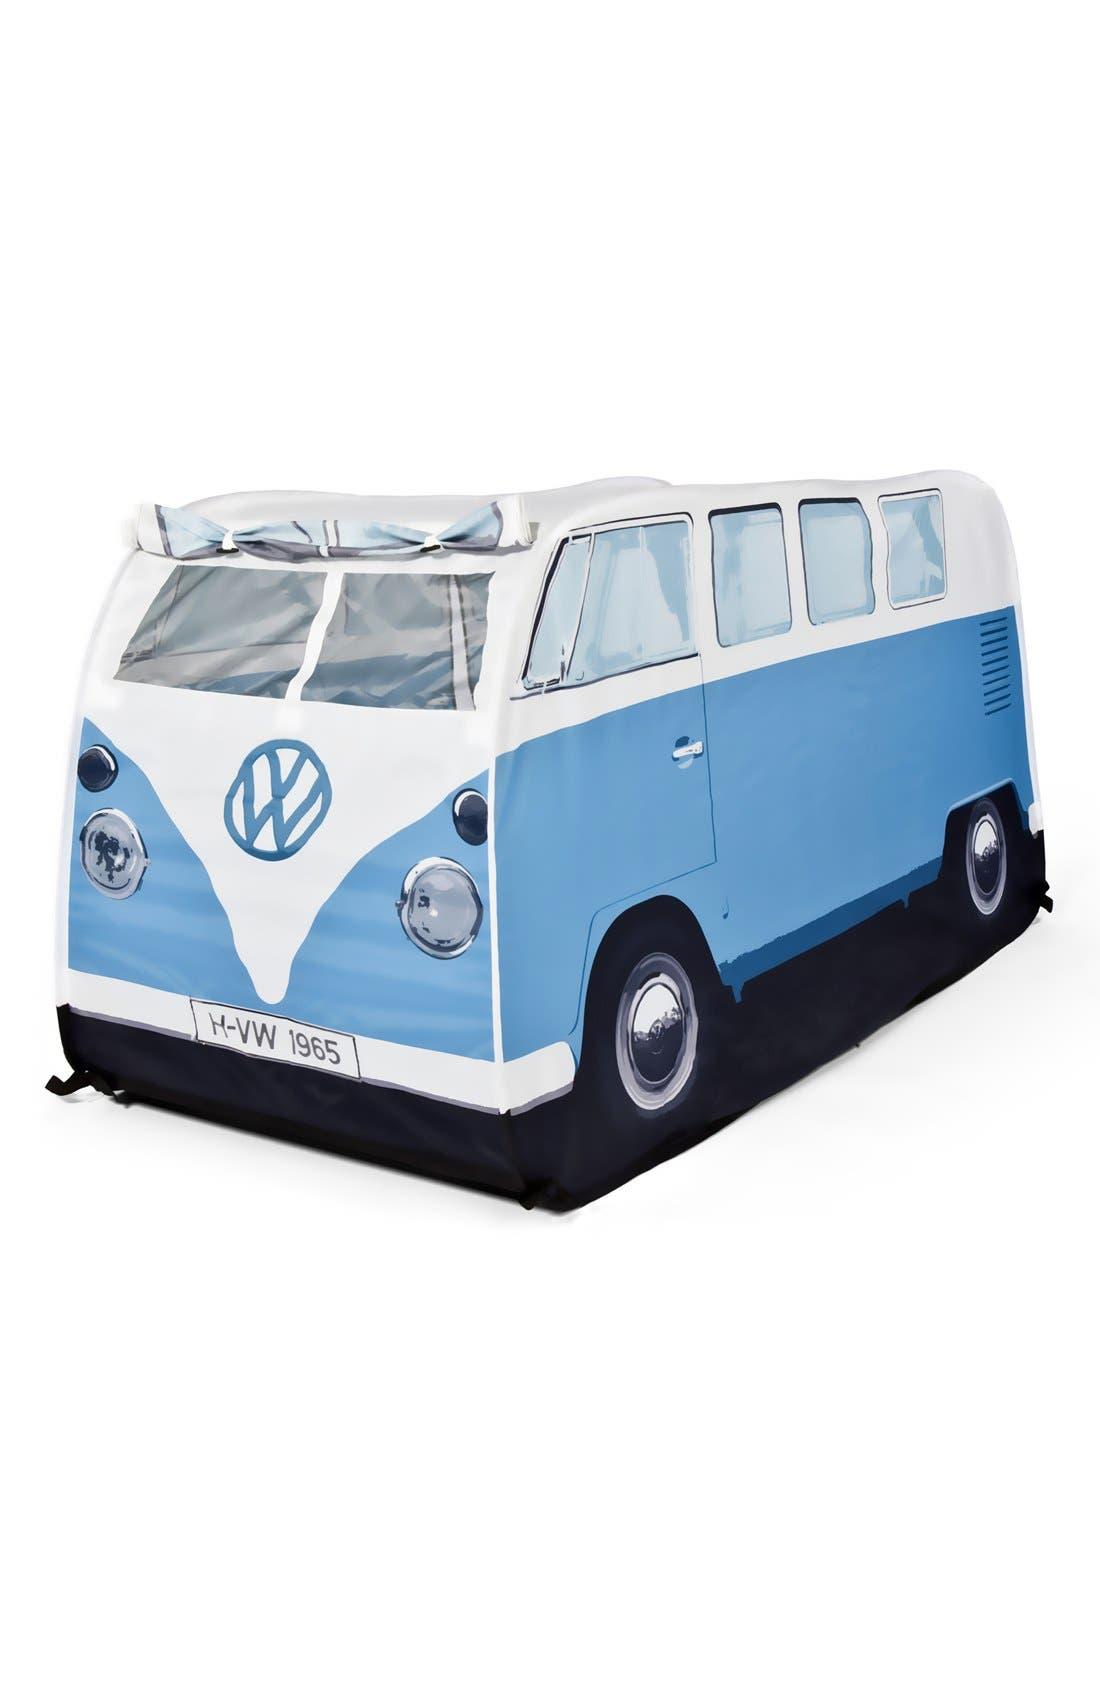 The Monster Factory VW Camper Van Waterproof Play Tent